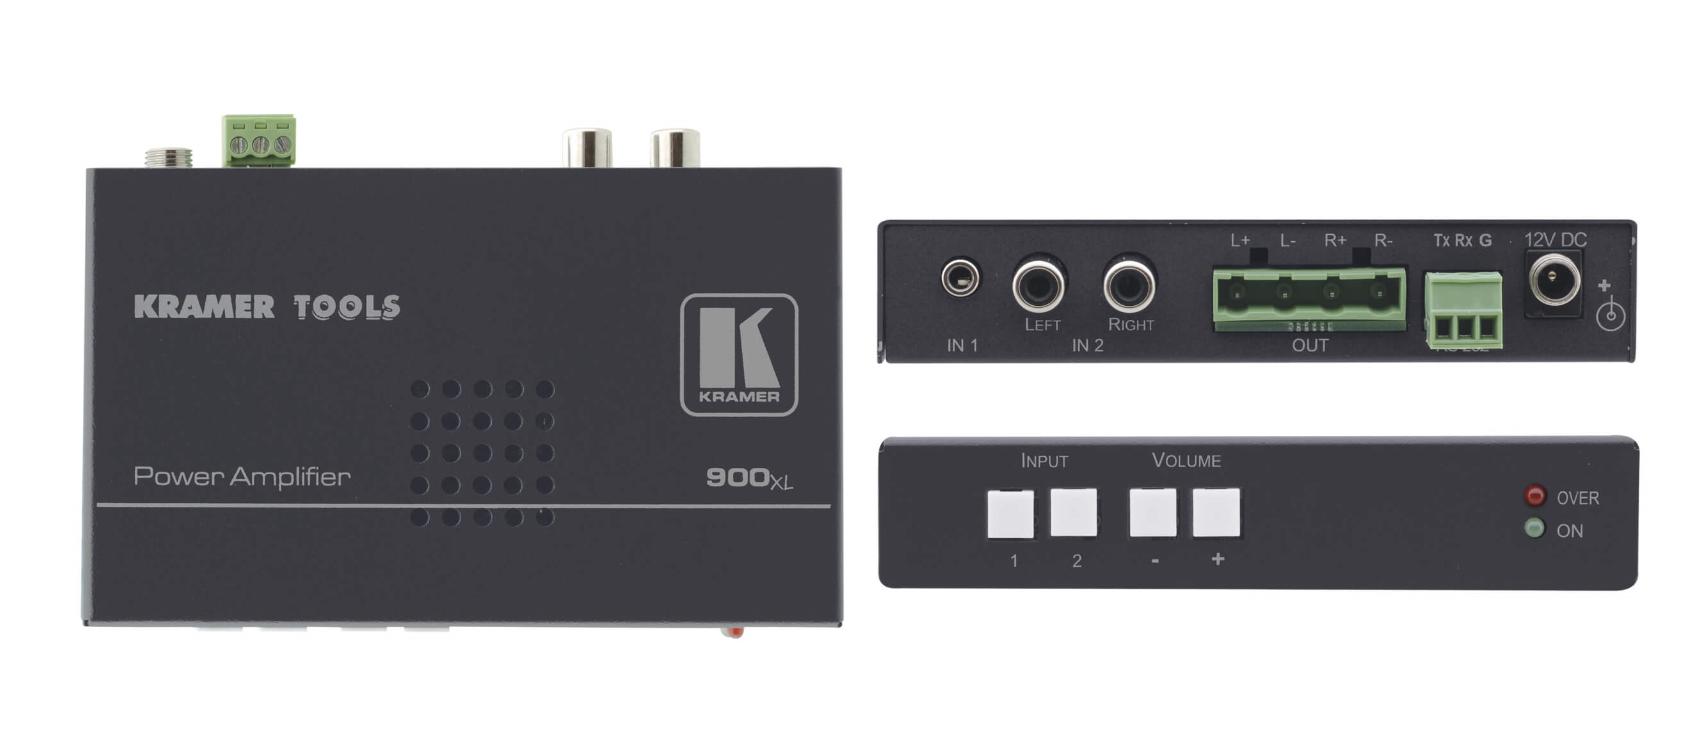 Stereo Audio Power Amplifier (10 Watts per Channel)